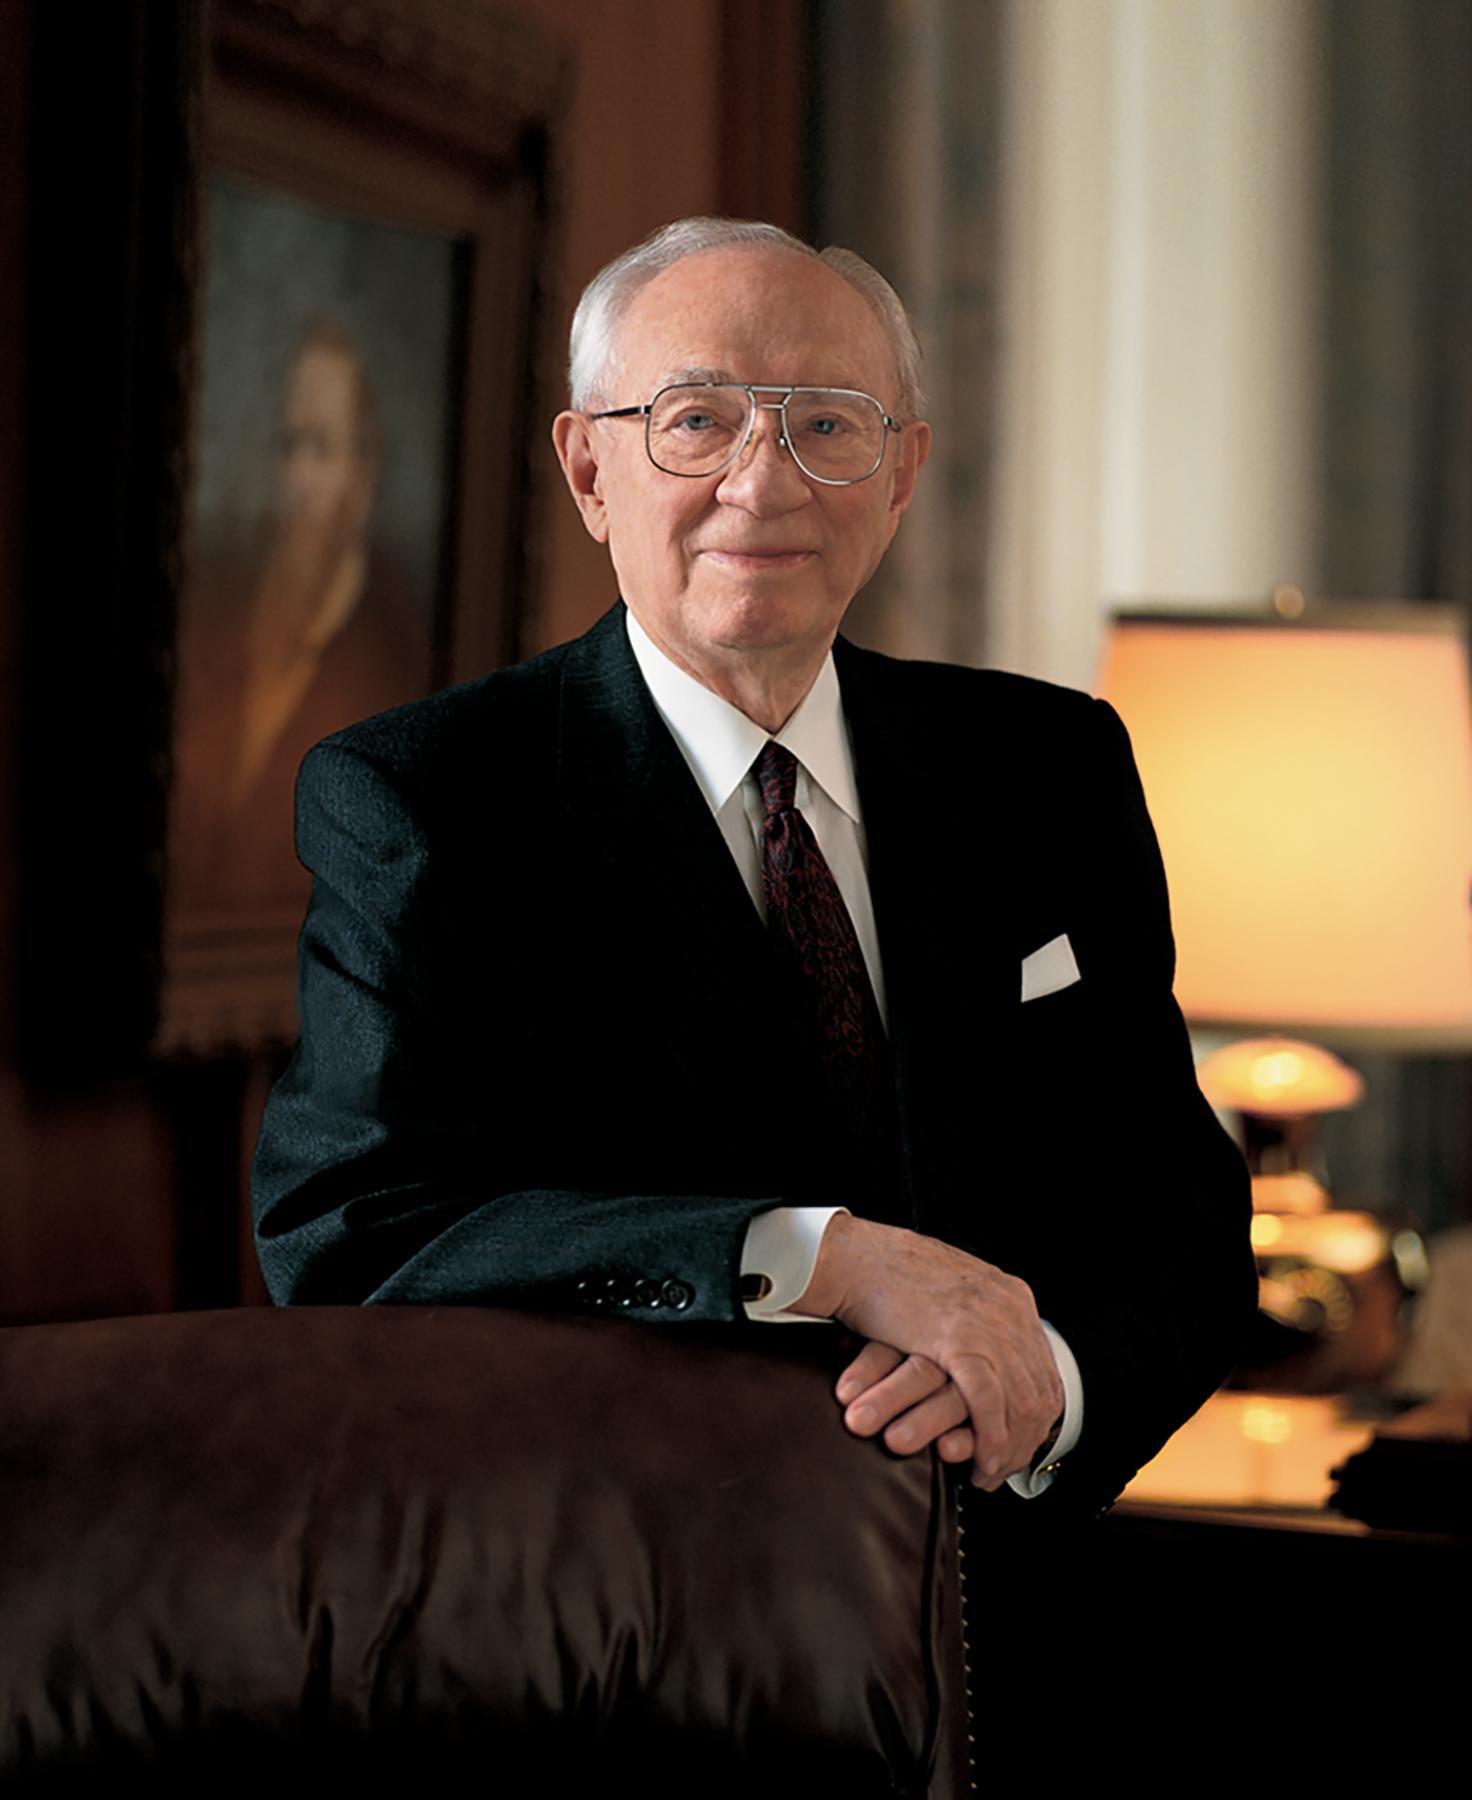 Gordon B. Hinckley elnök arcképe